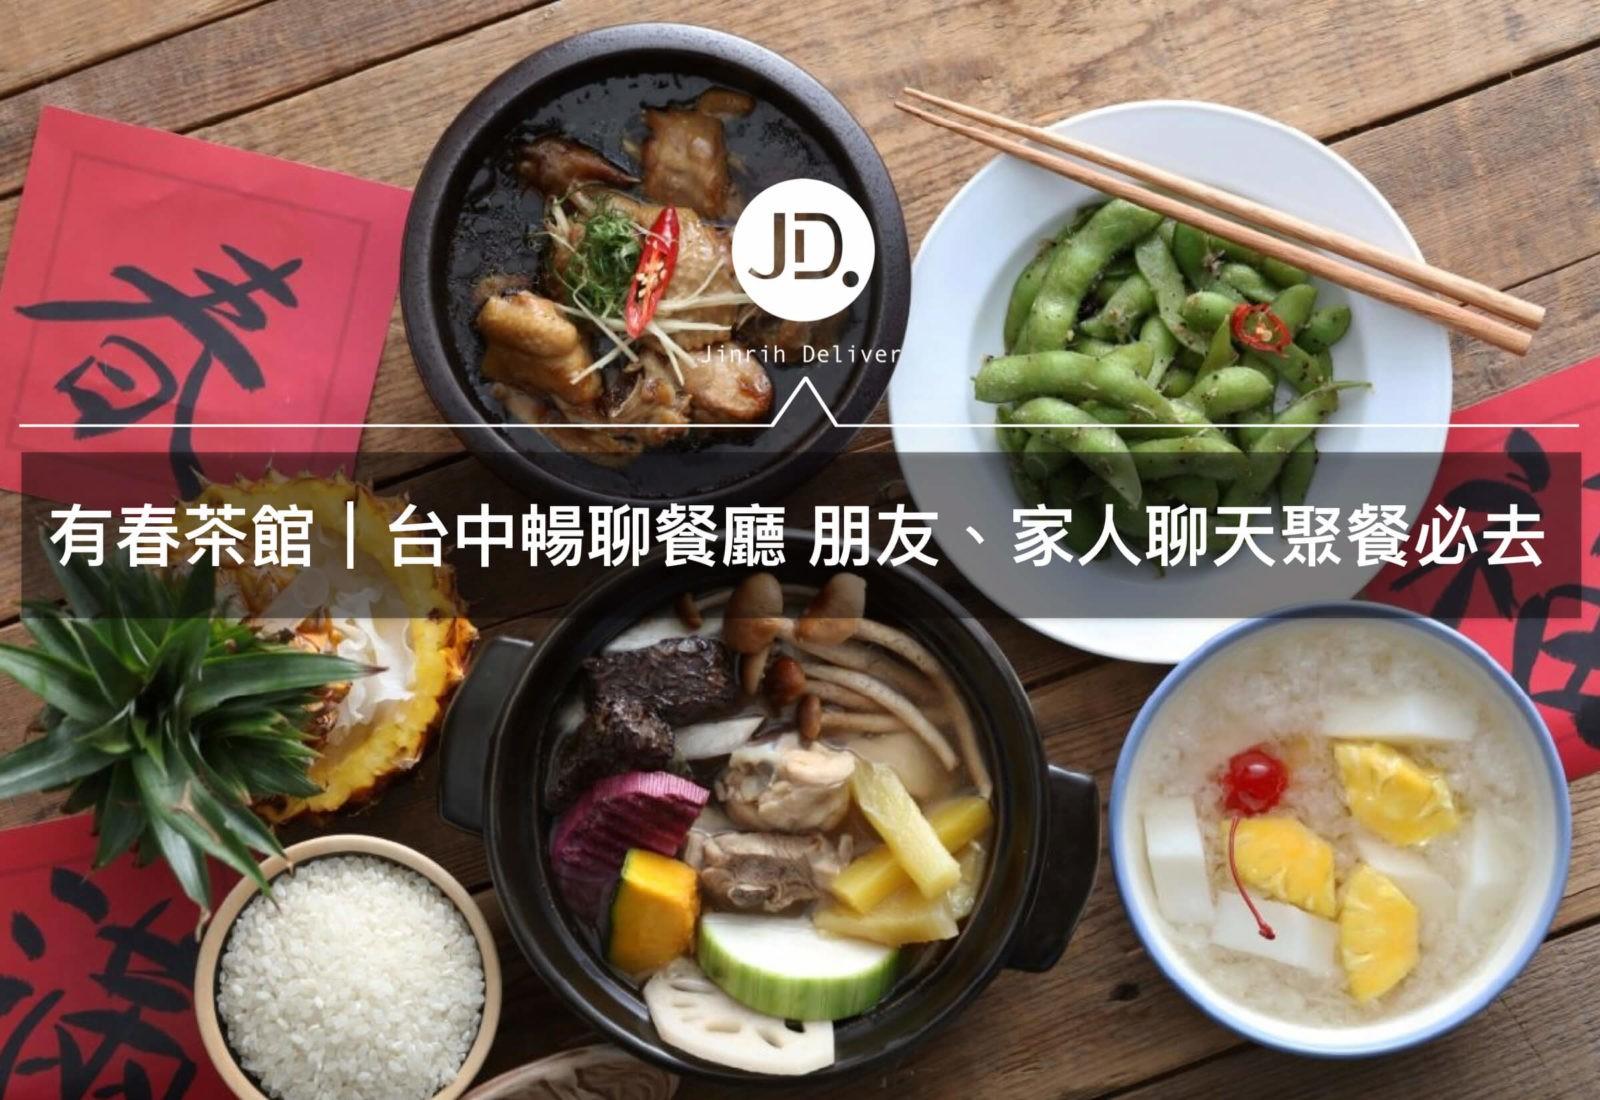 台中火車站美食推薦|滿桌古早味小吃,適合家族聚餐、朋友聊天的餐廳